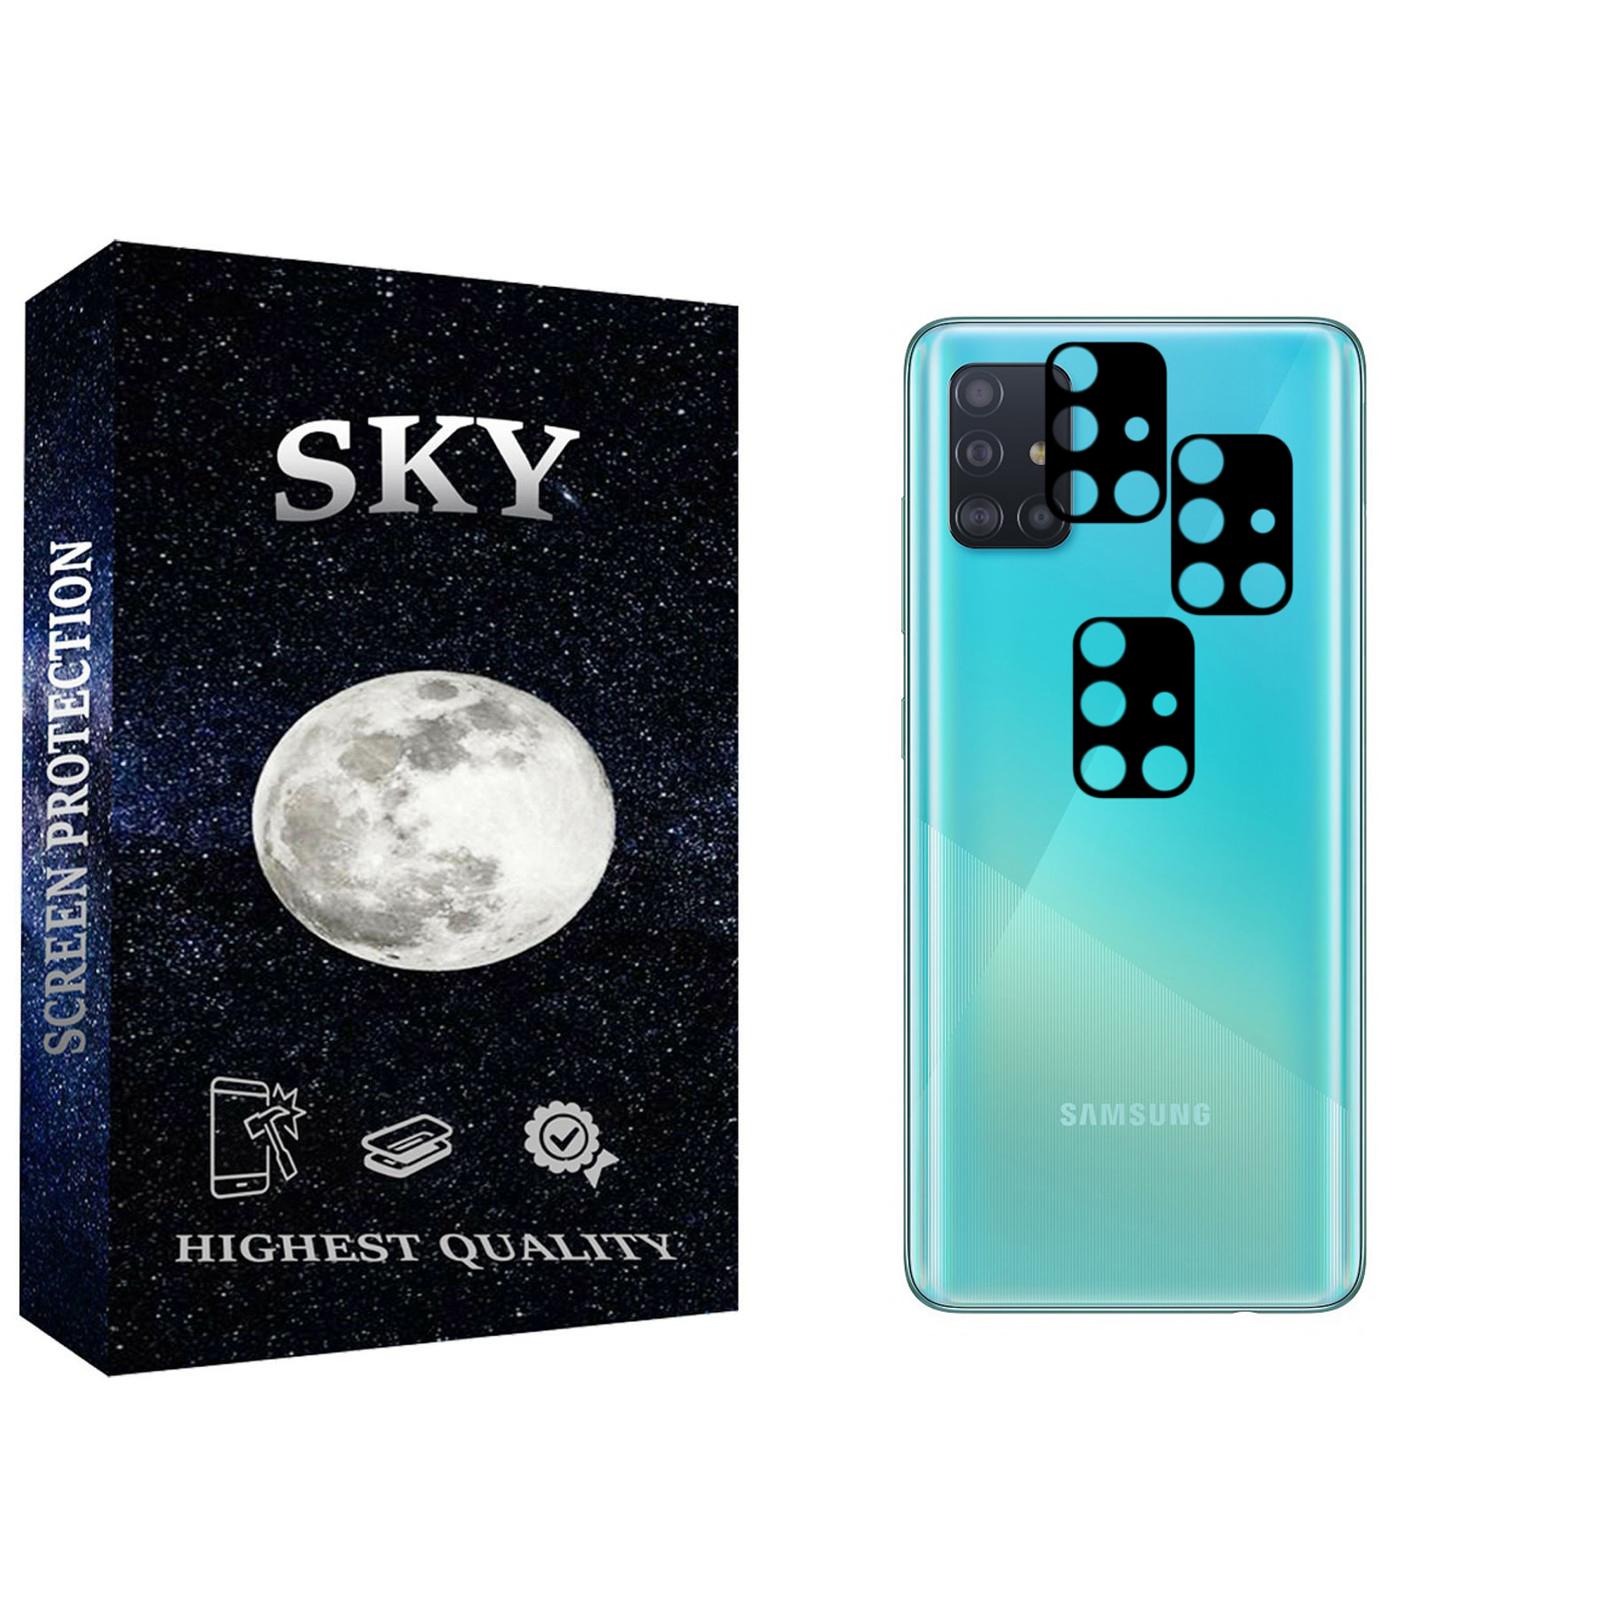 محافظ لنز دوربین اسکای مدل LZFK-01 مناسب برای گوشی موبایل سامسونگ Galaxy M51 بسته 3 عددی